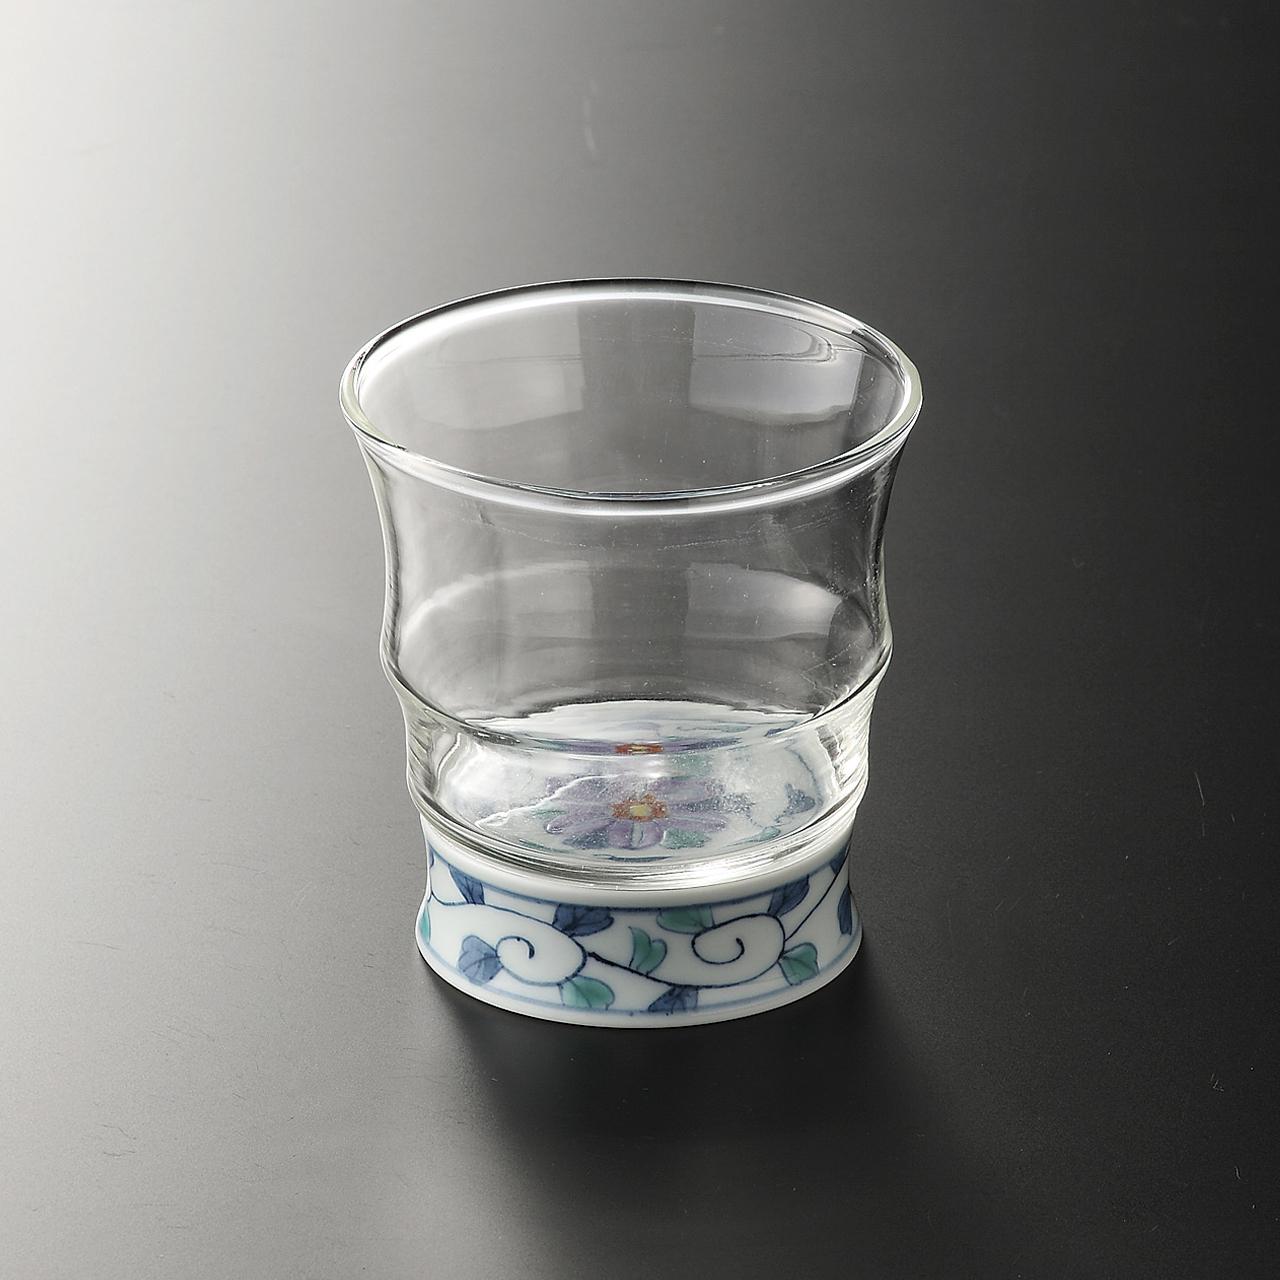 ロックグラス (鉄仙花) 20-304